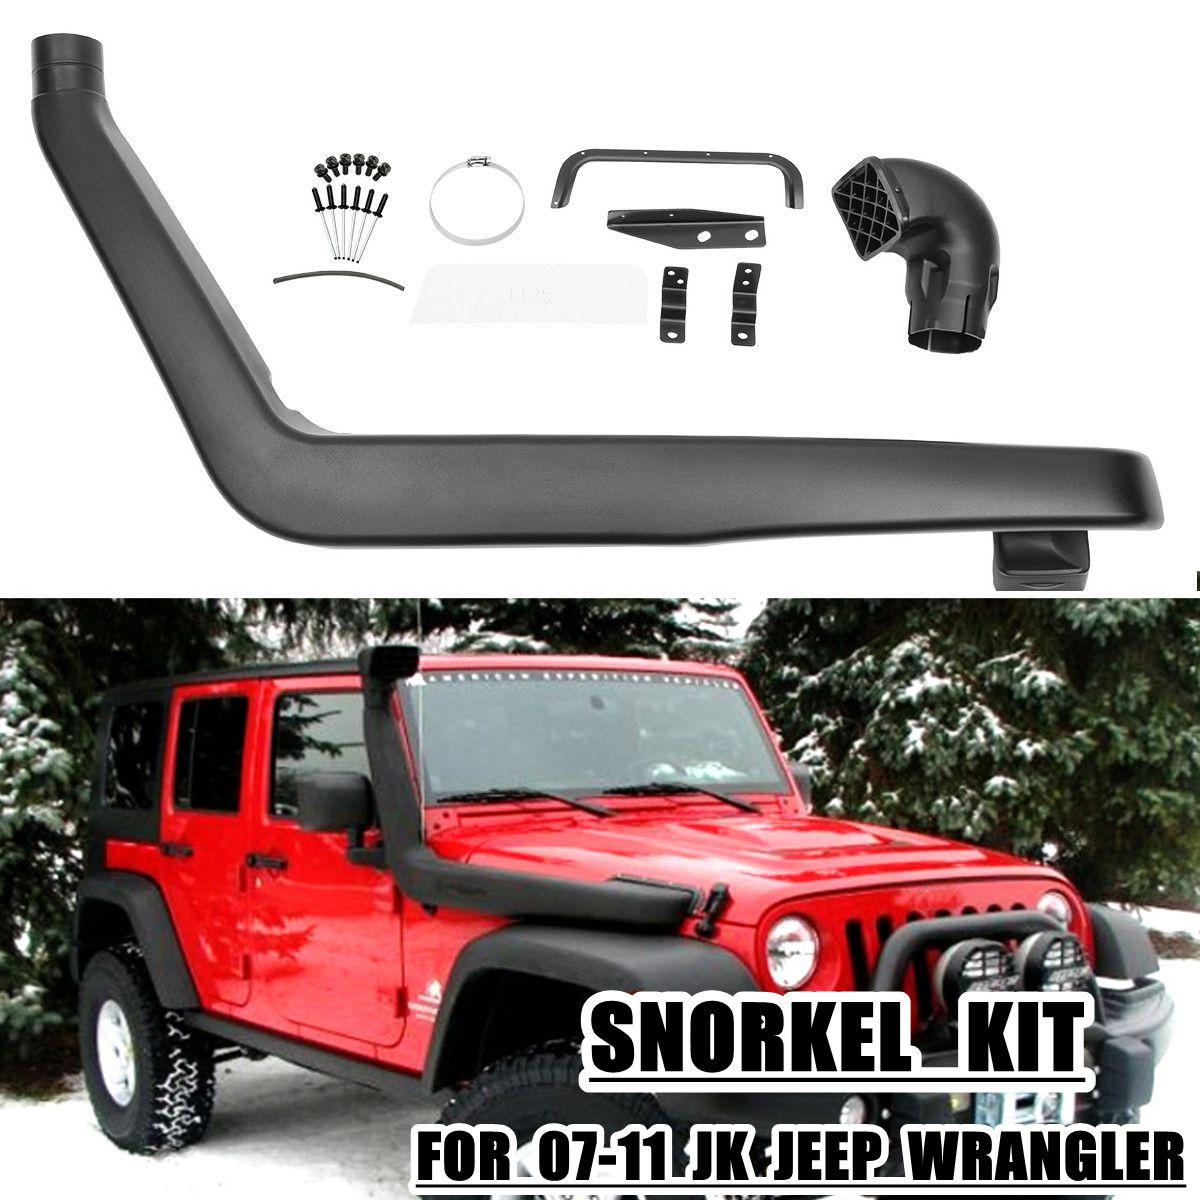 Car Front Right Snorkel Kit For Jeep for Wrangler JK 3 8L V6 2007 2008 2009